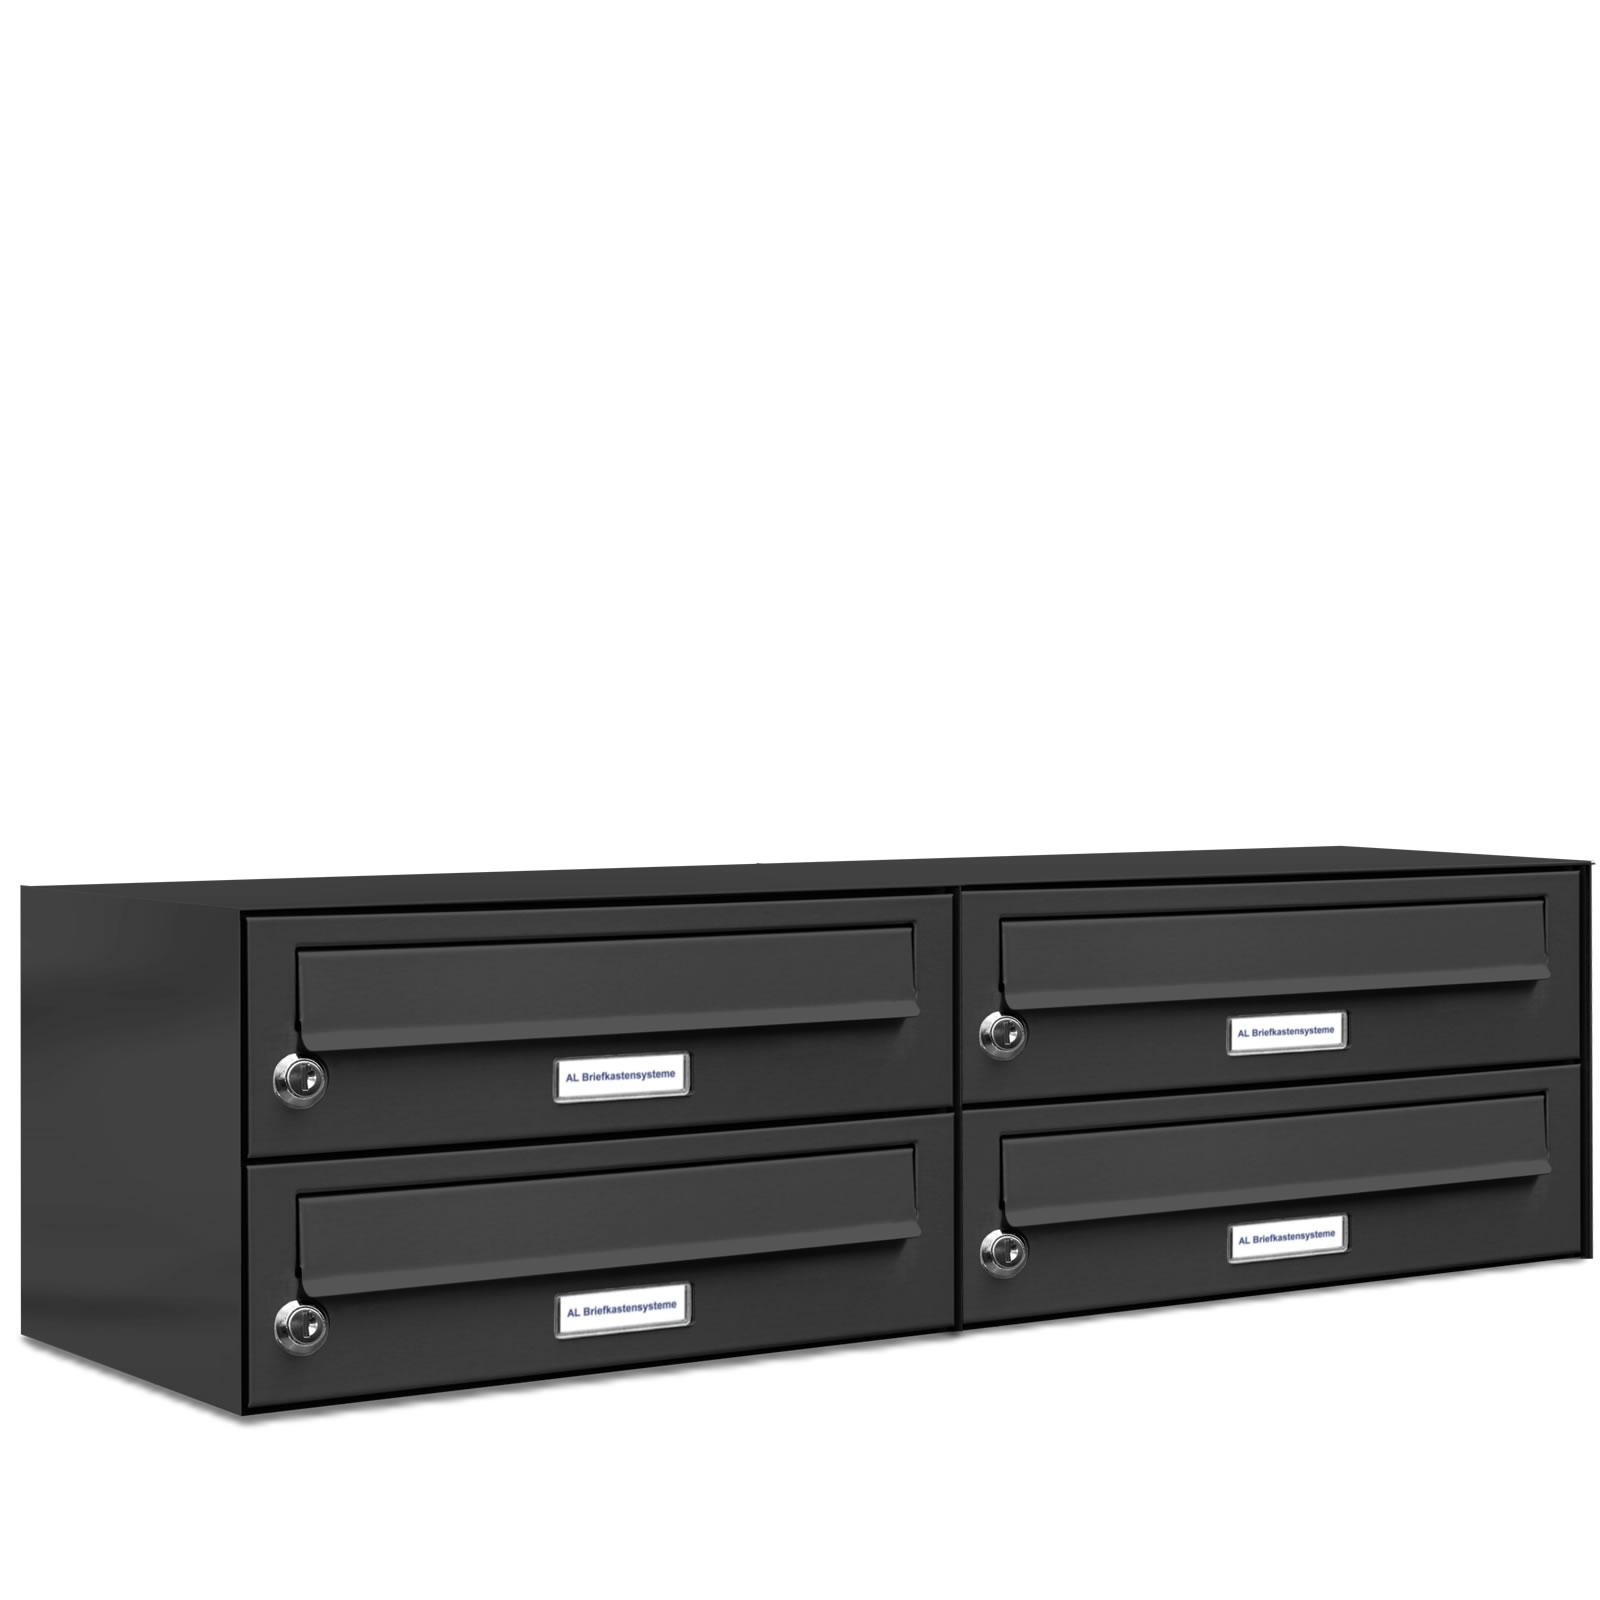 4er 2x2 briefkasten anlage aufputz wandmontage ral 7016 anthrazit ebay. Black Bedroom Furniture Sets. Home Design Ideas